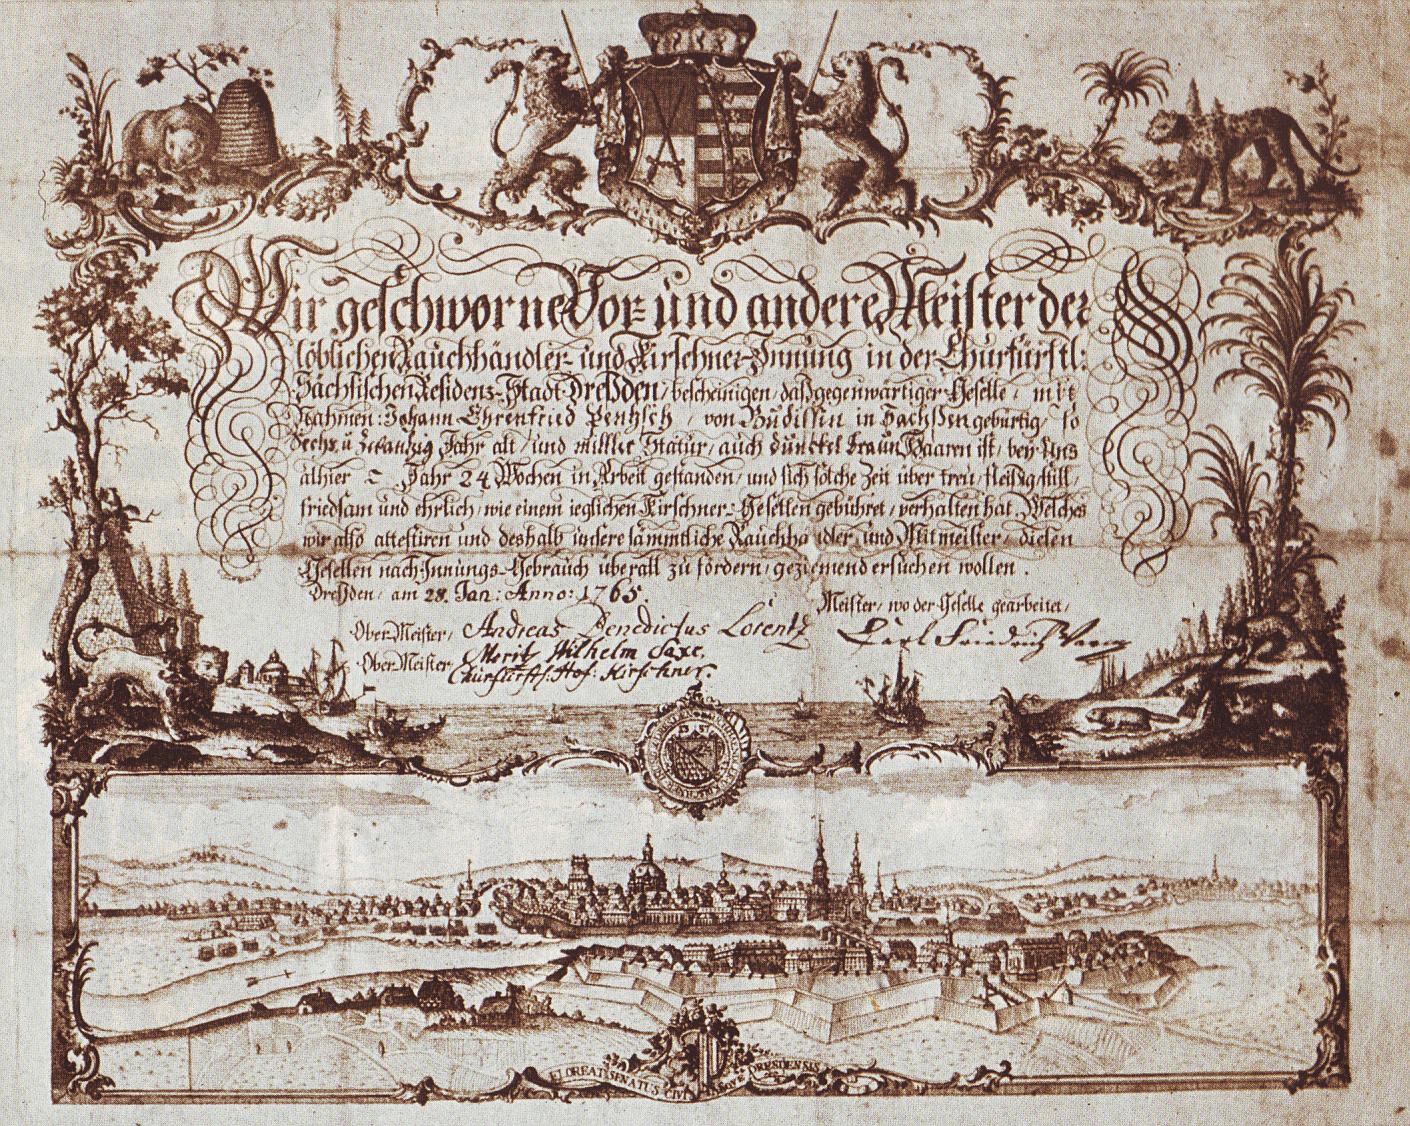 File:Wanderbrief des Kürschnergesellen Ehrenfried Pentzsch,Dresden 1756.jpg